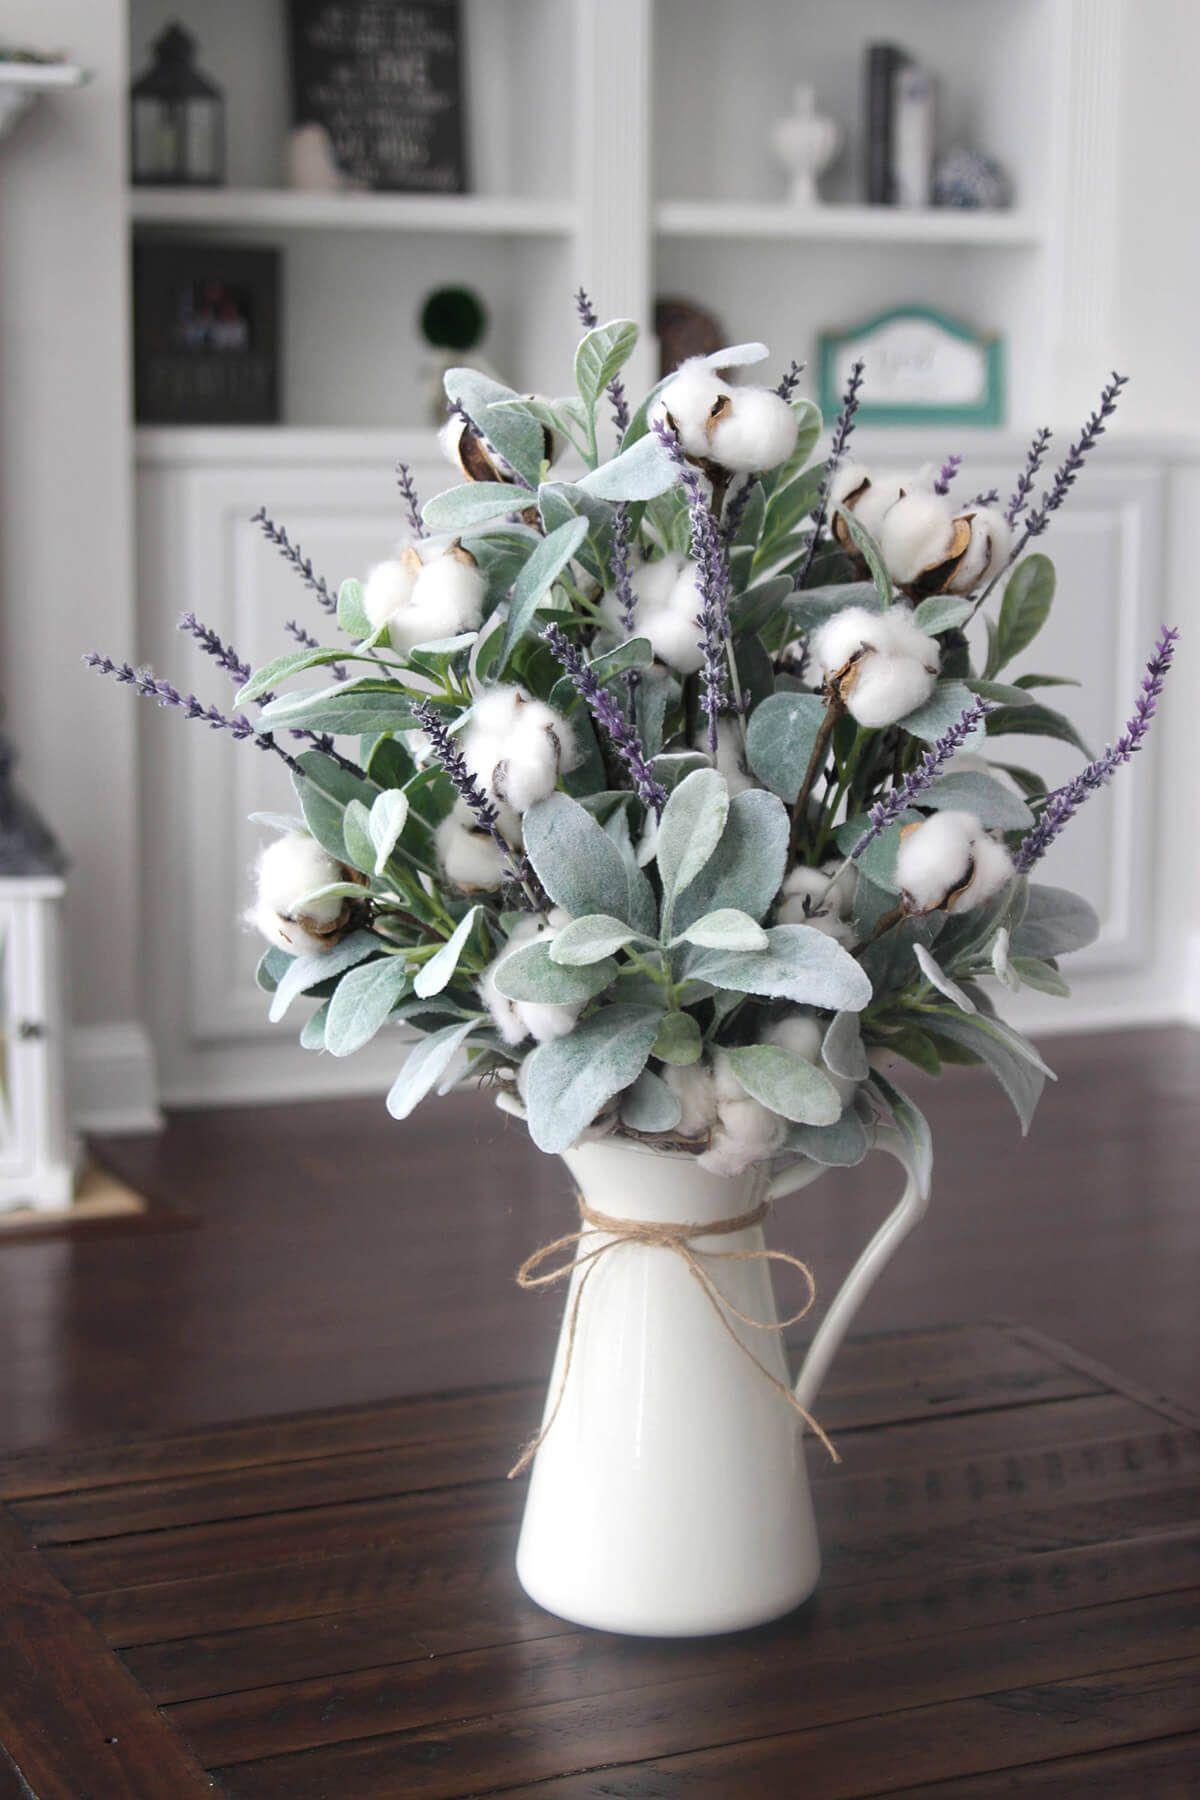 14 schöne Blumenarrangements im Landhausstil um Ihr Dekor aufzuhellen  Hause Dekore 14 beautiful floral arrangements in country style to brighten up your decor If yo...